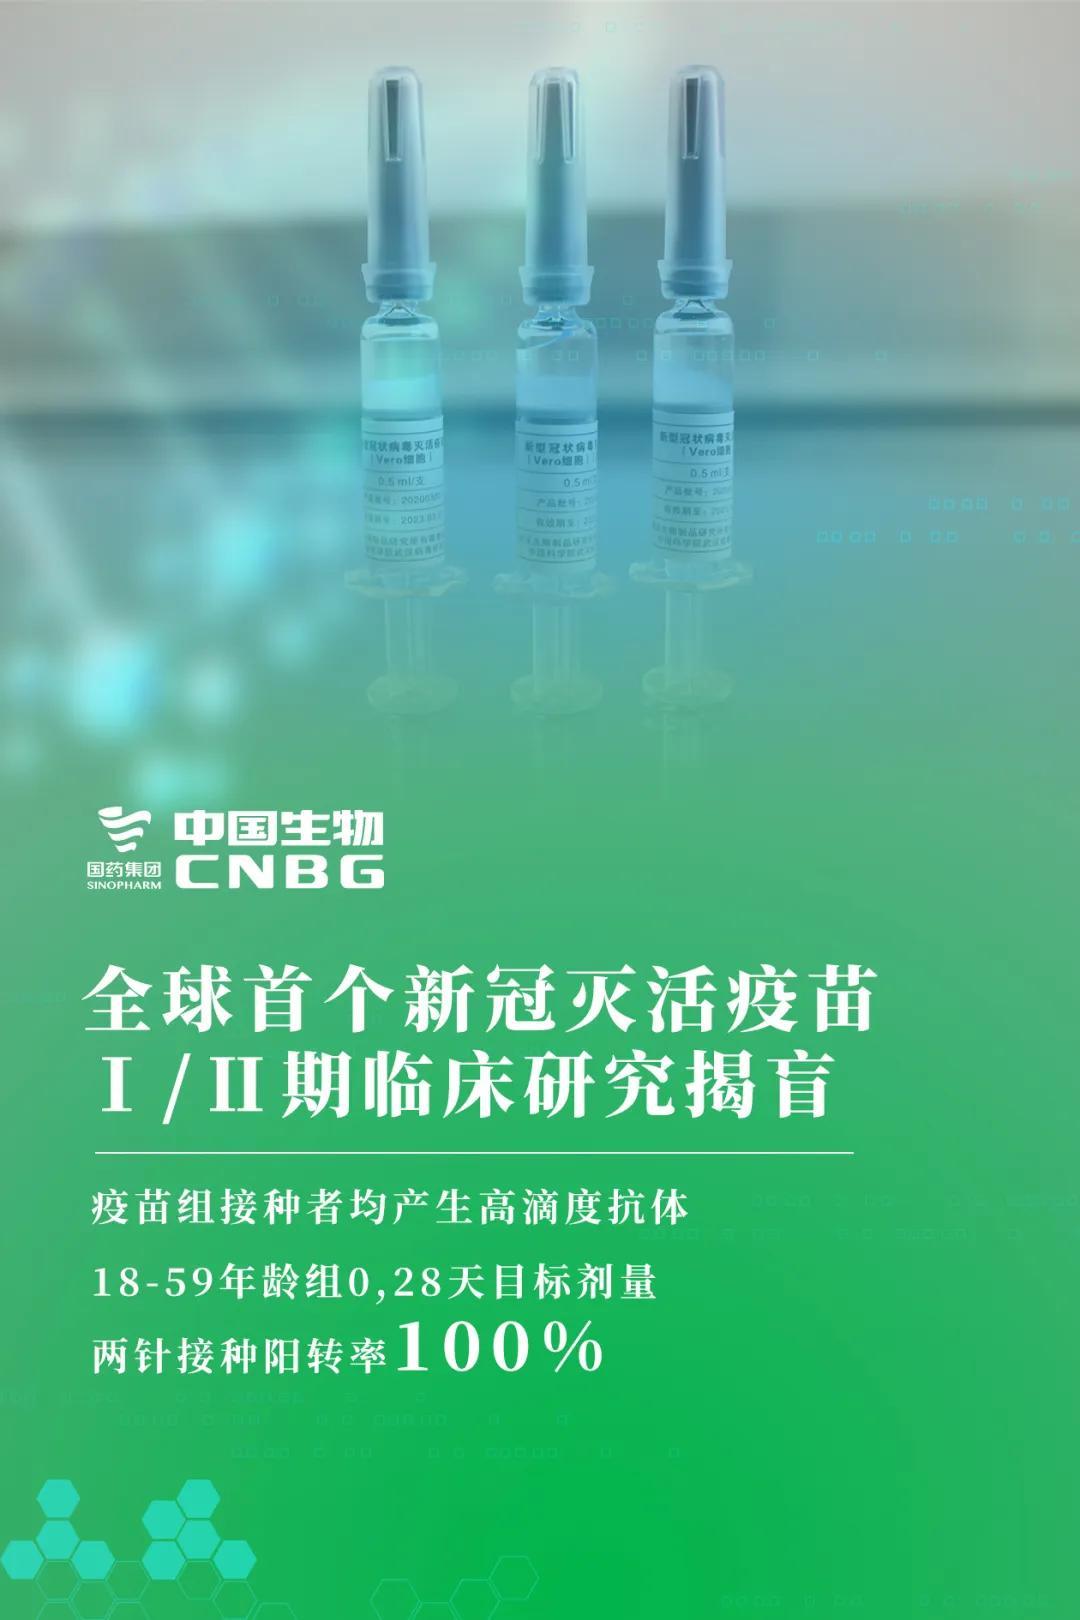 中和抗体阳转率100%!全球首个新冠灭活疫苗所有受试者全部产生抗体!